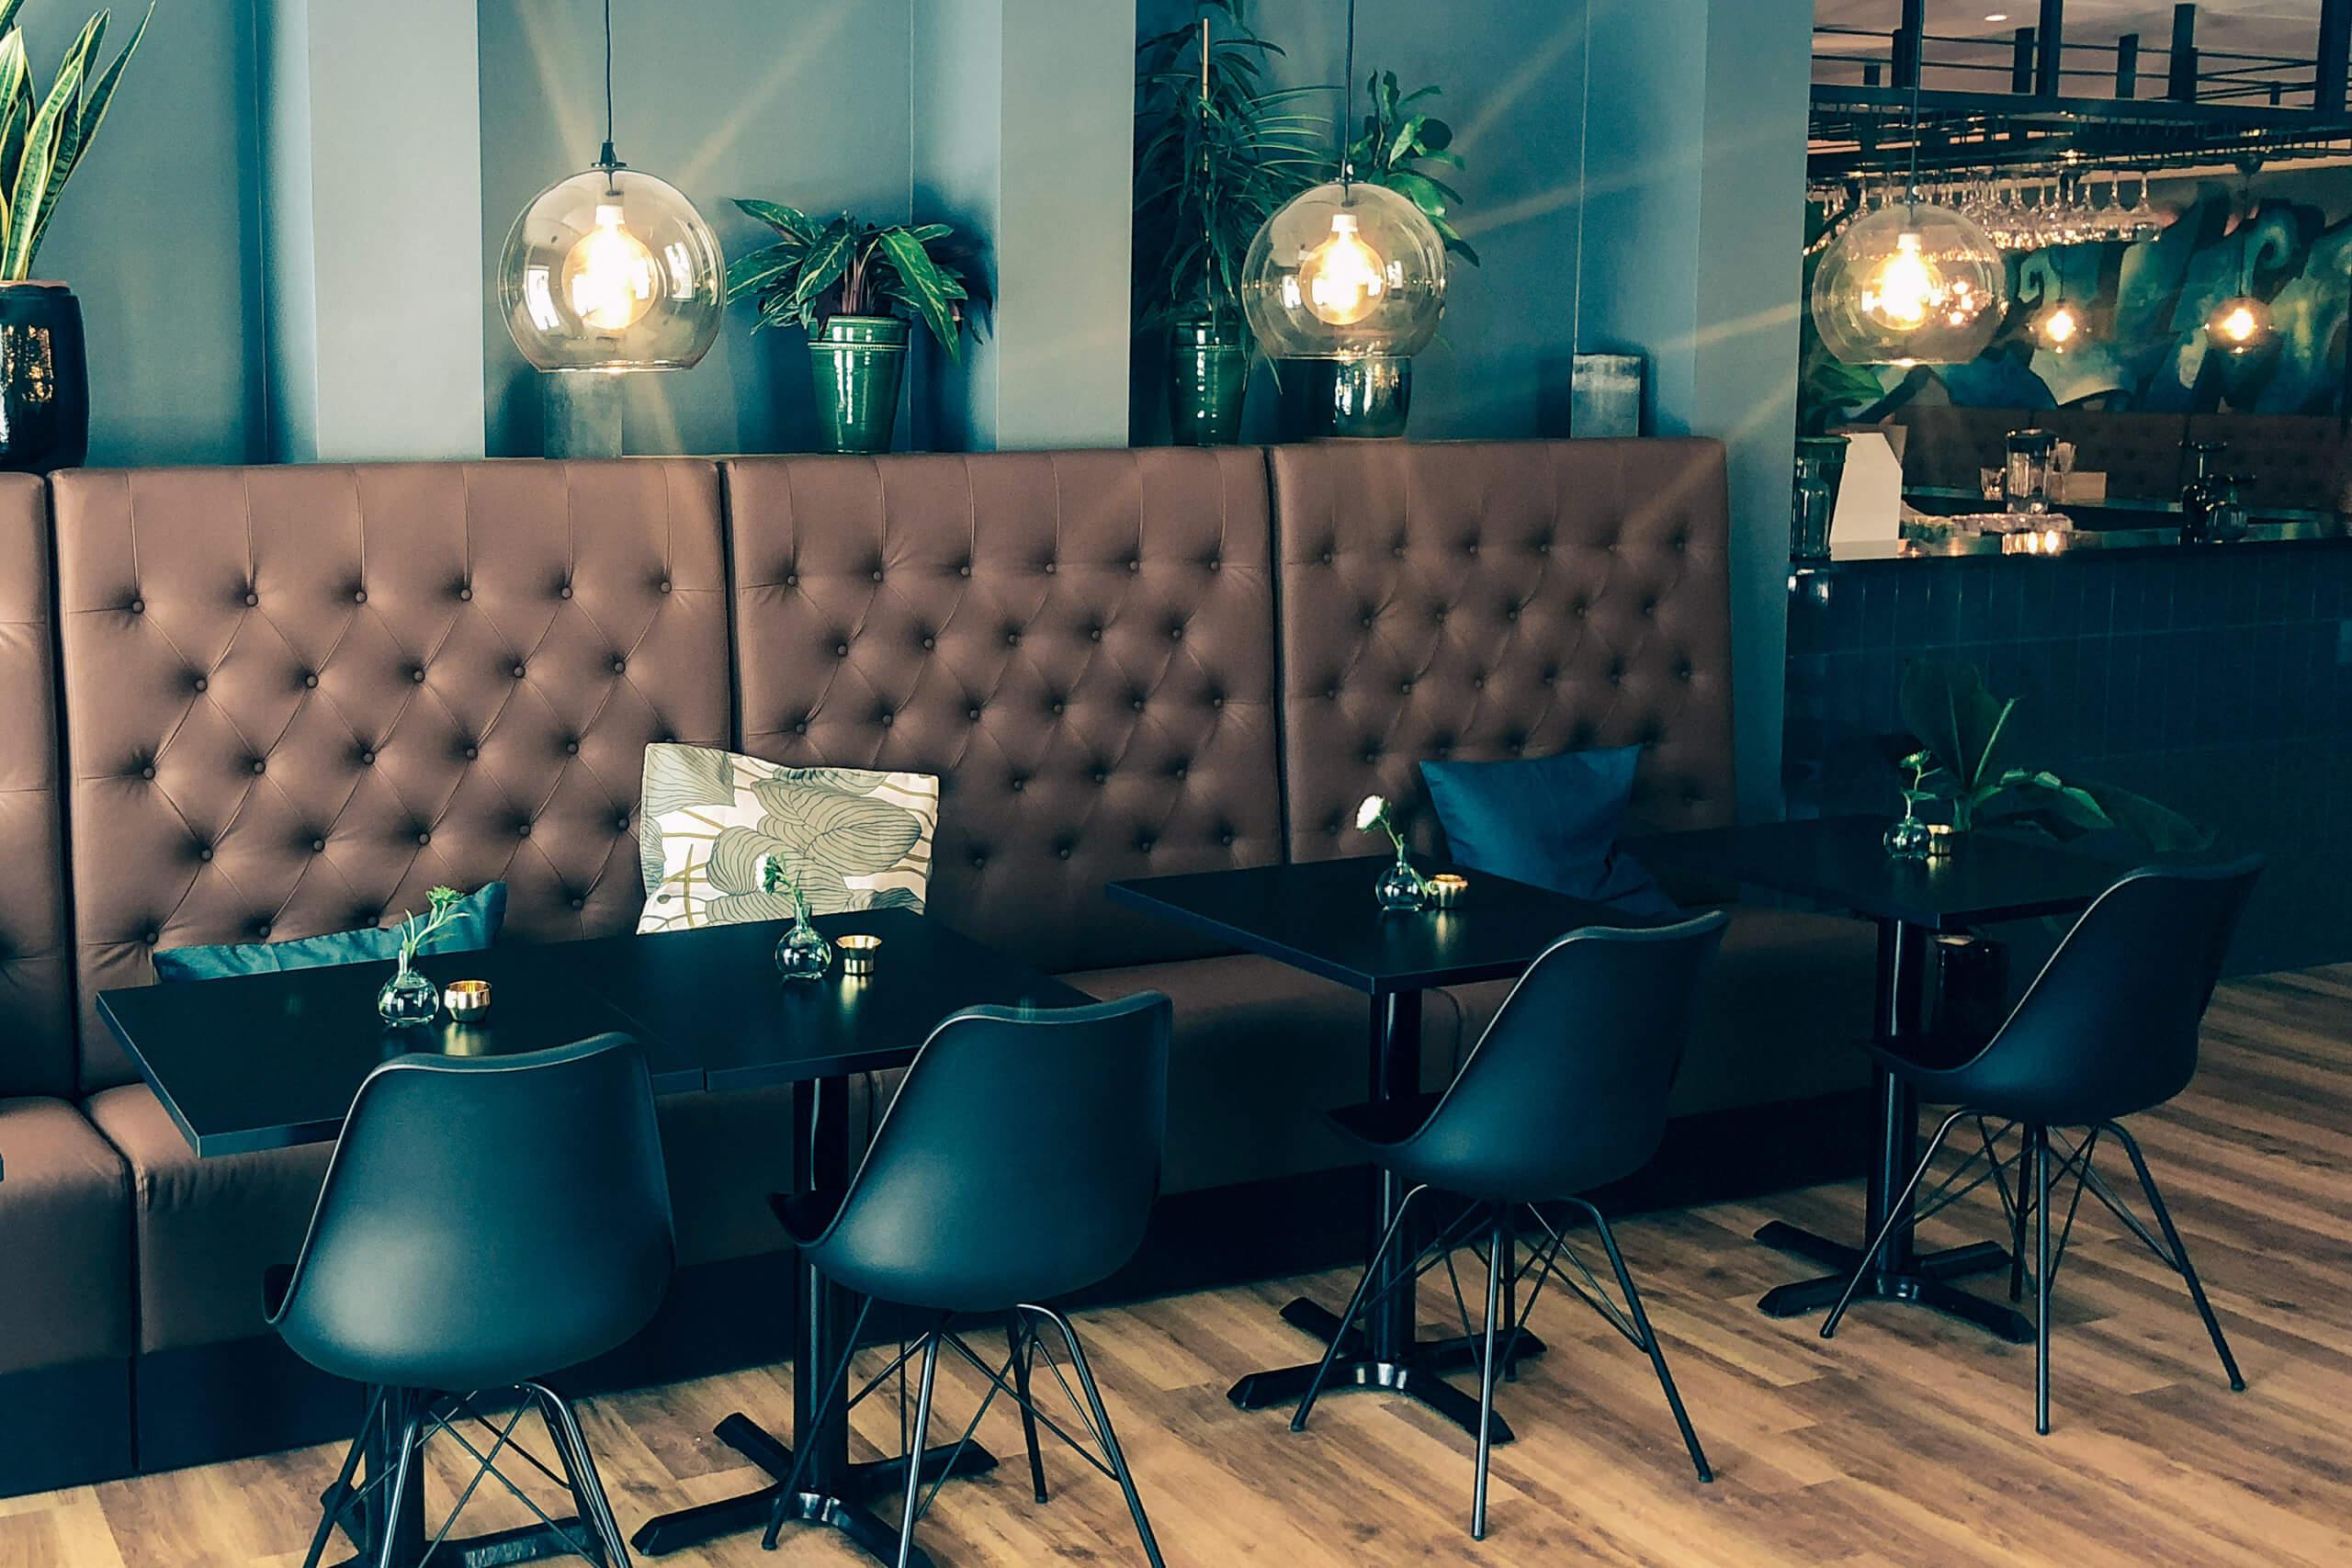 Restaurang rum 35 i Kungsbacka